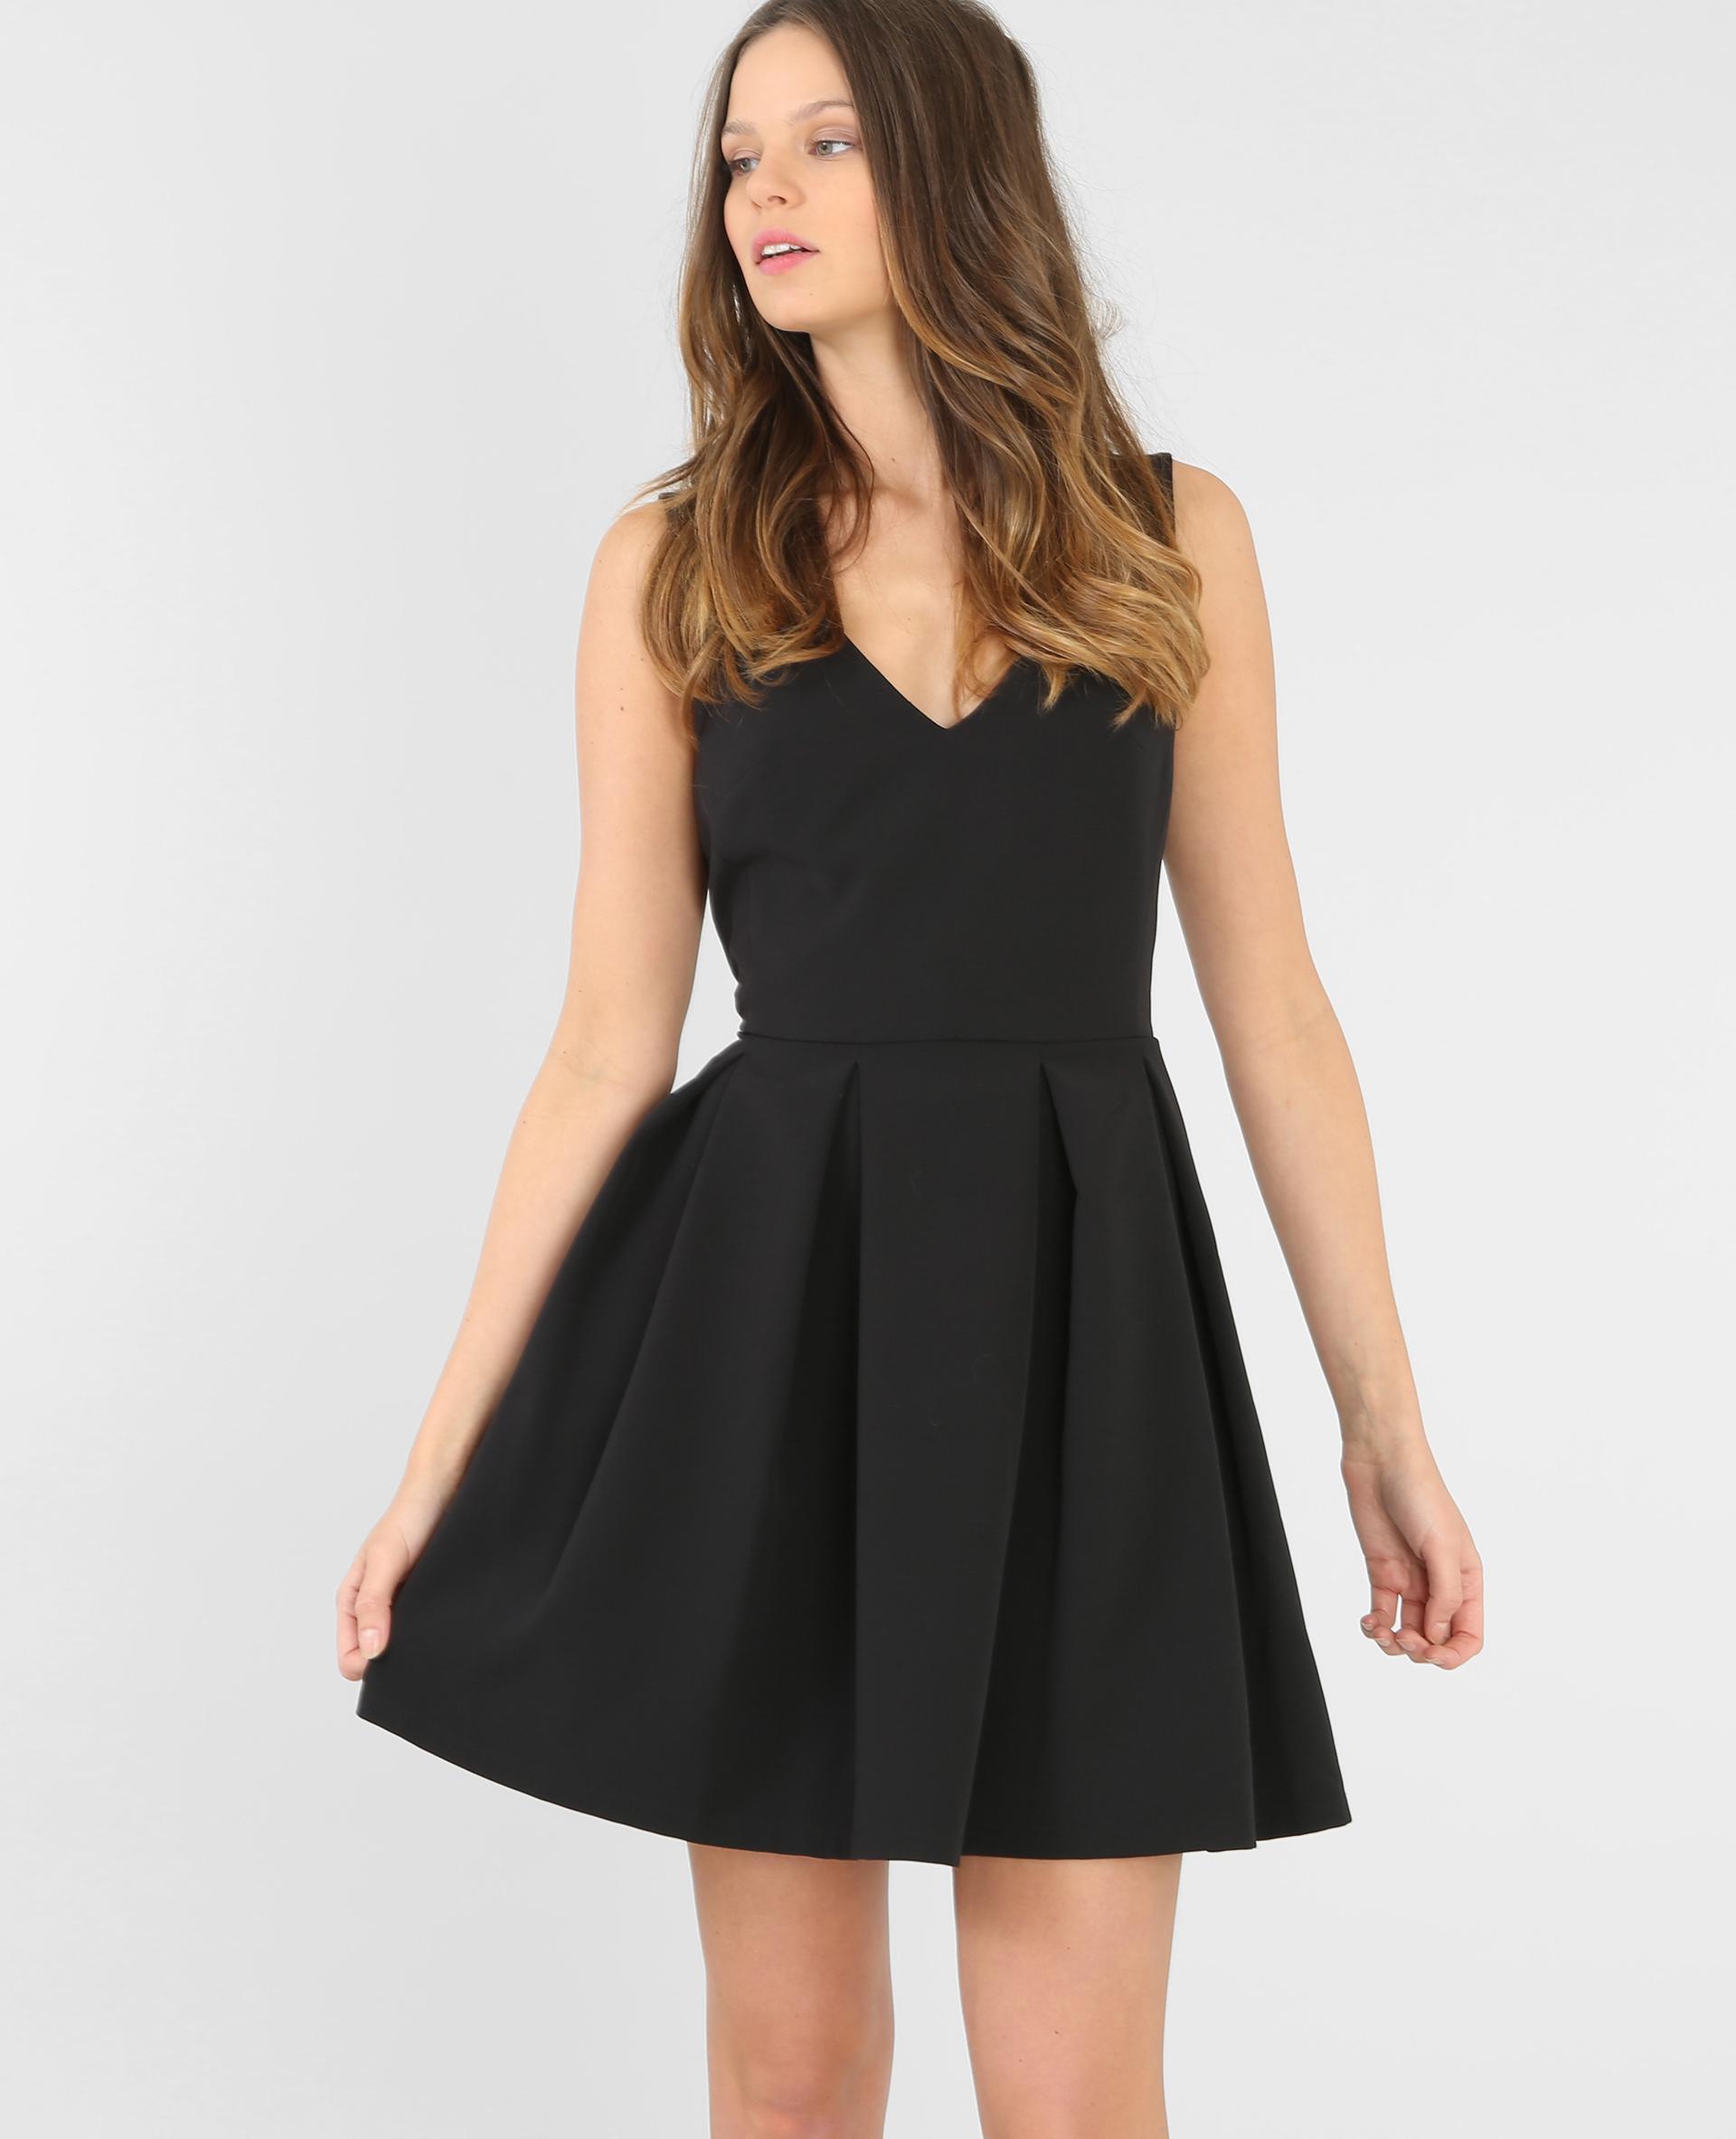 robe d collet v noir 780363899a08 pimkie. Black Bedroom Furniture Sets. Home Design Ideas